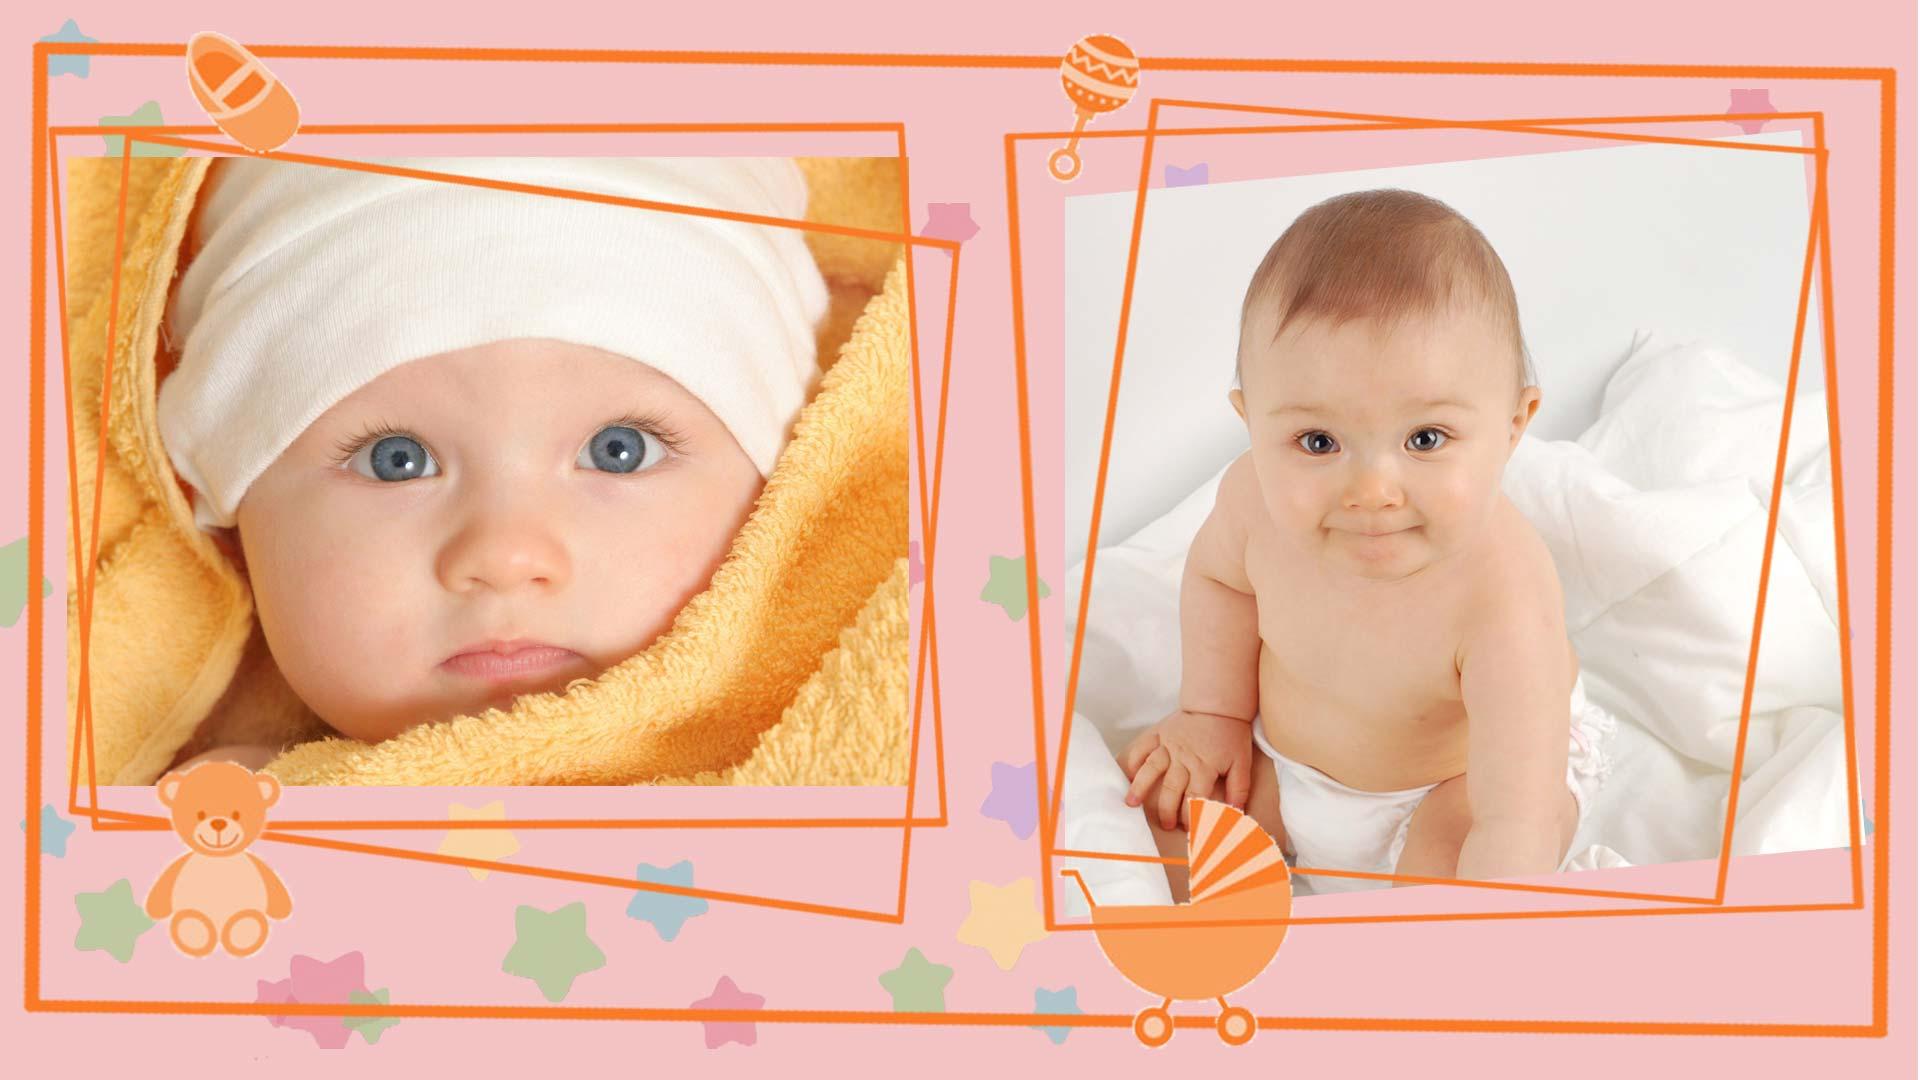 baby photography129 - نکات عکاسی از کودک و نوزاد